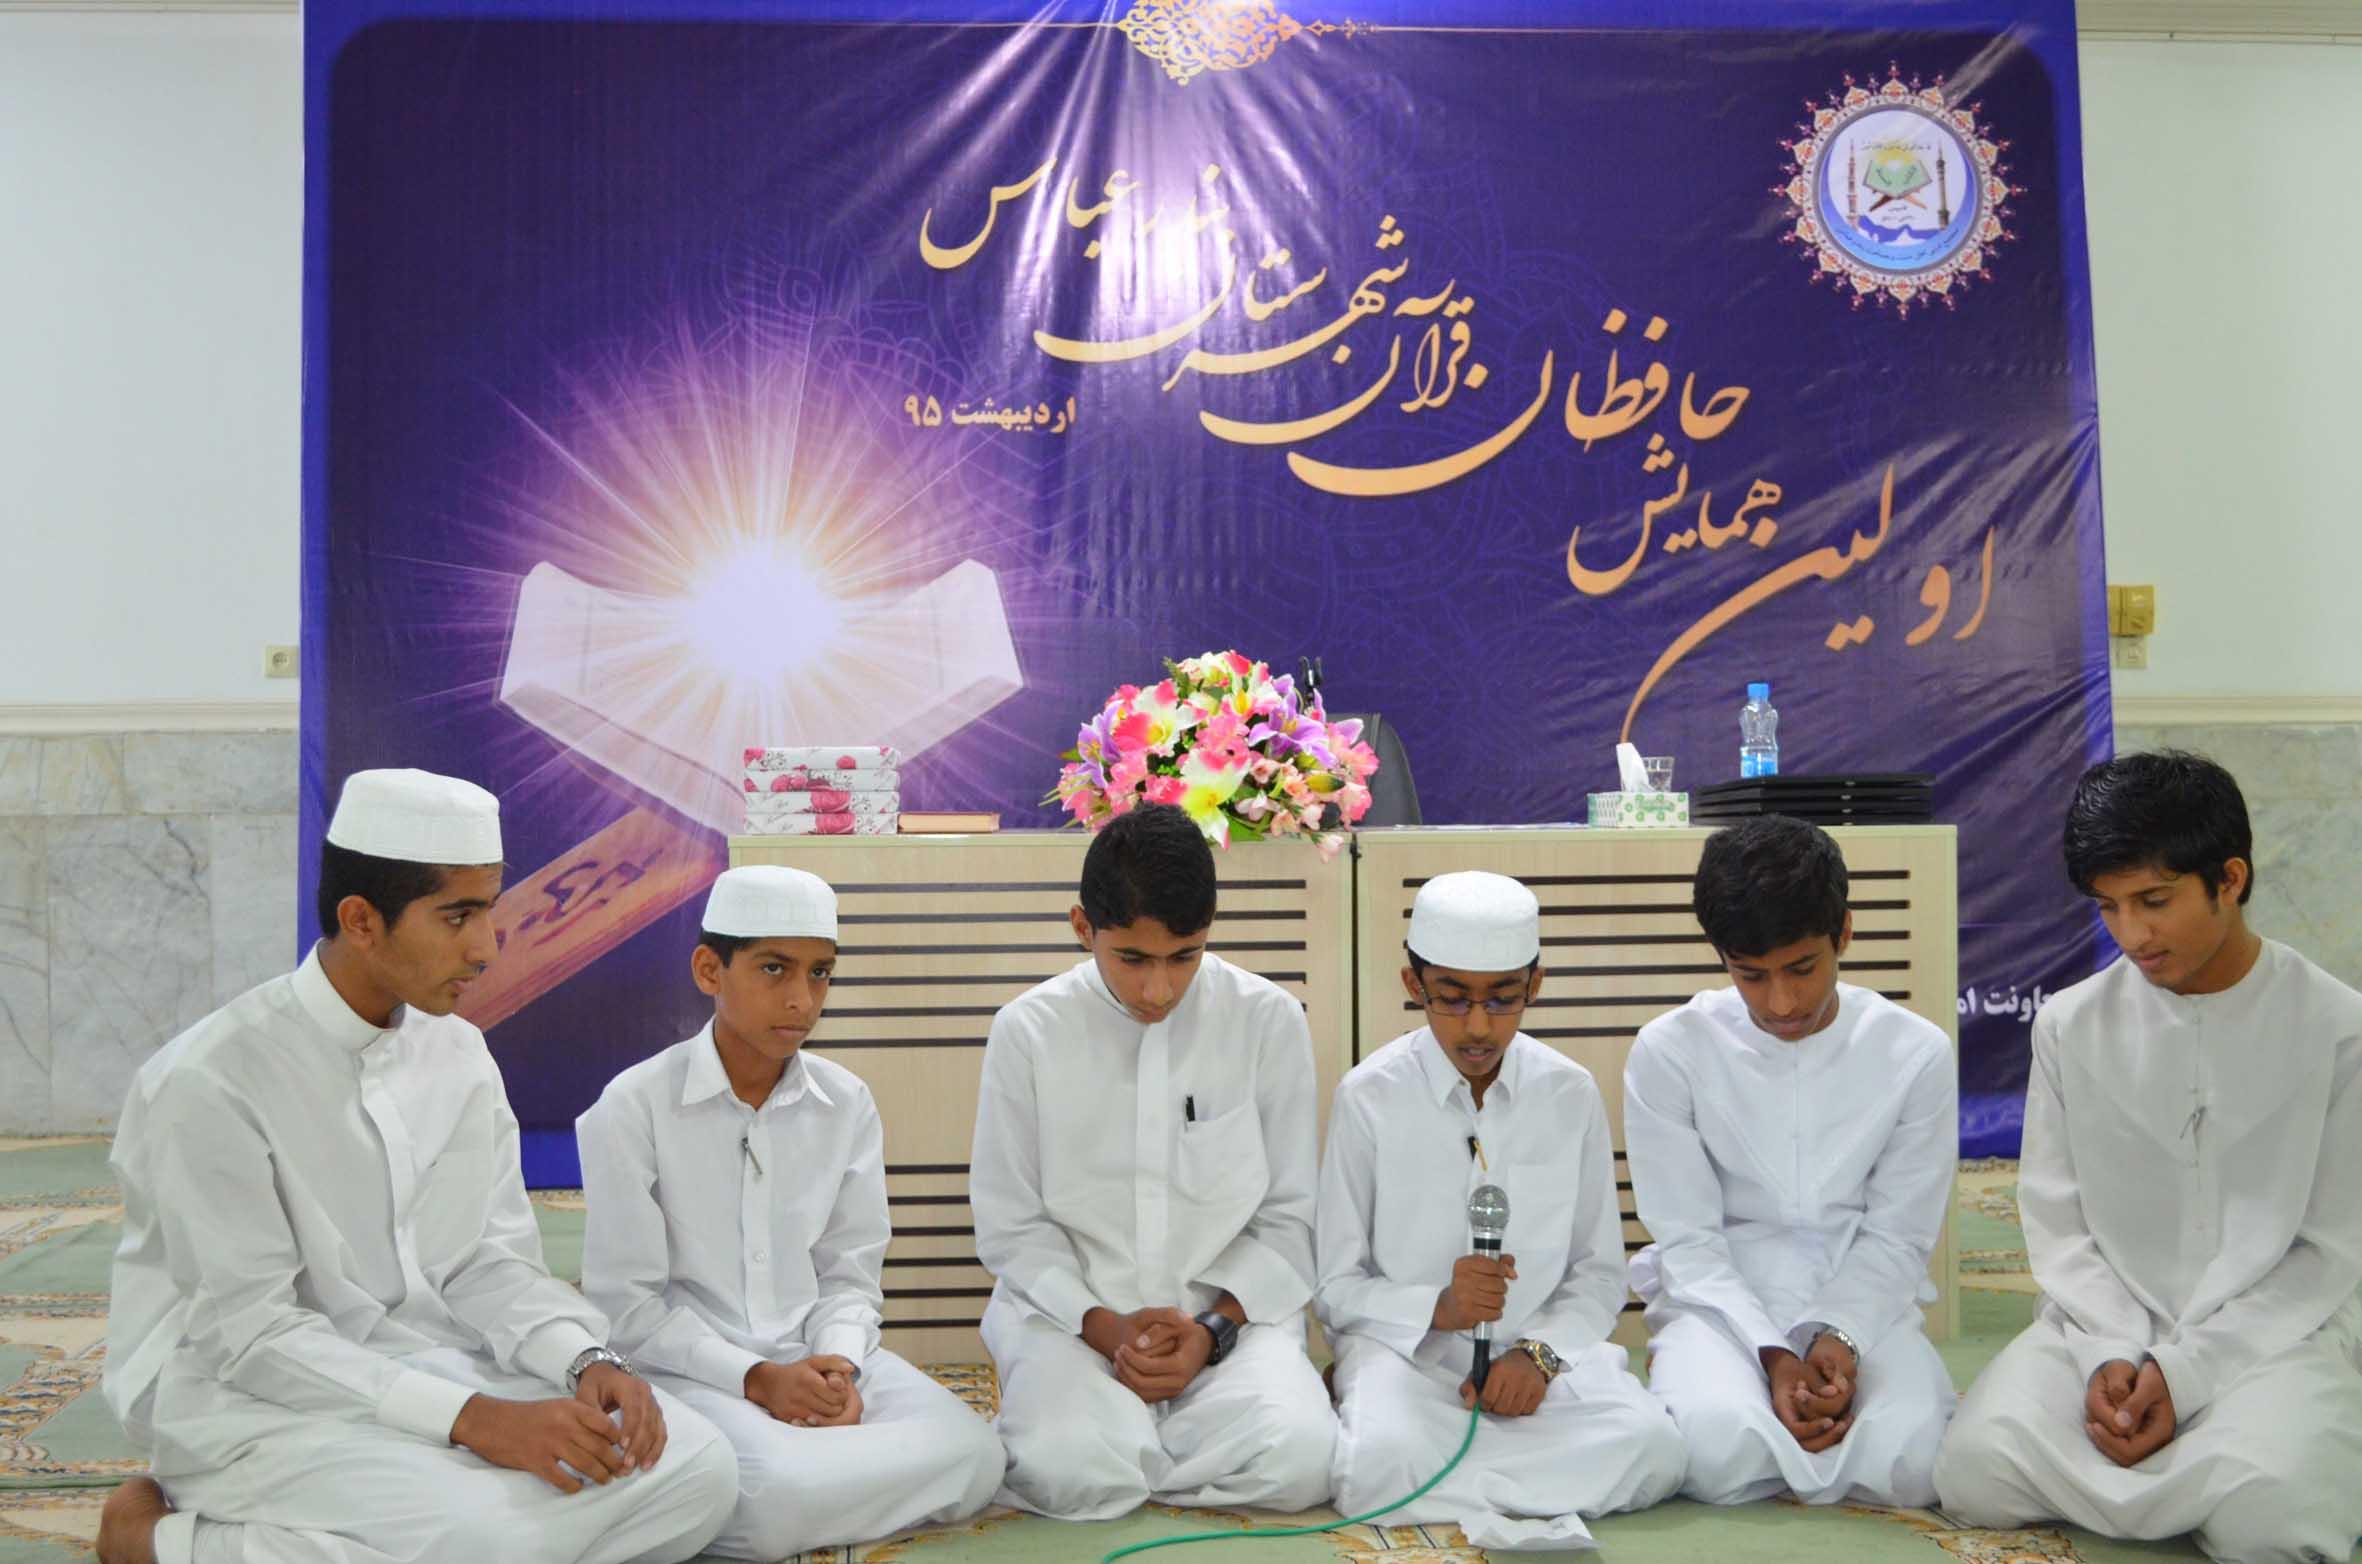 اولین همایش حافظان قرآن شهرستان بندرعباس - گروه سرود کلاس حفظ کشار چمردان